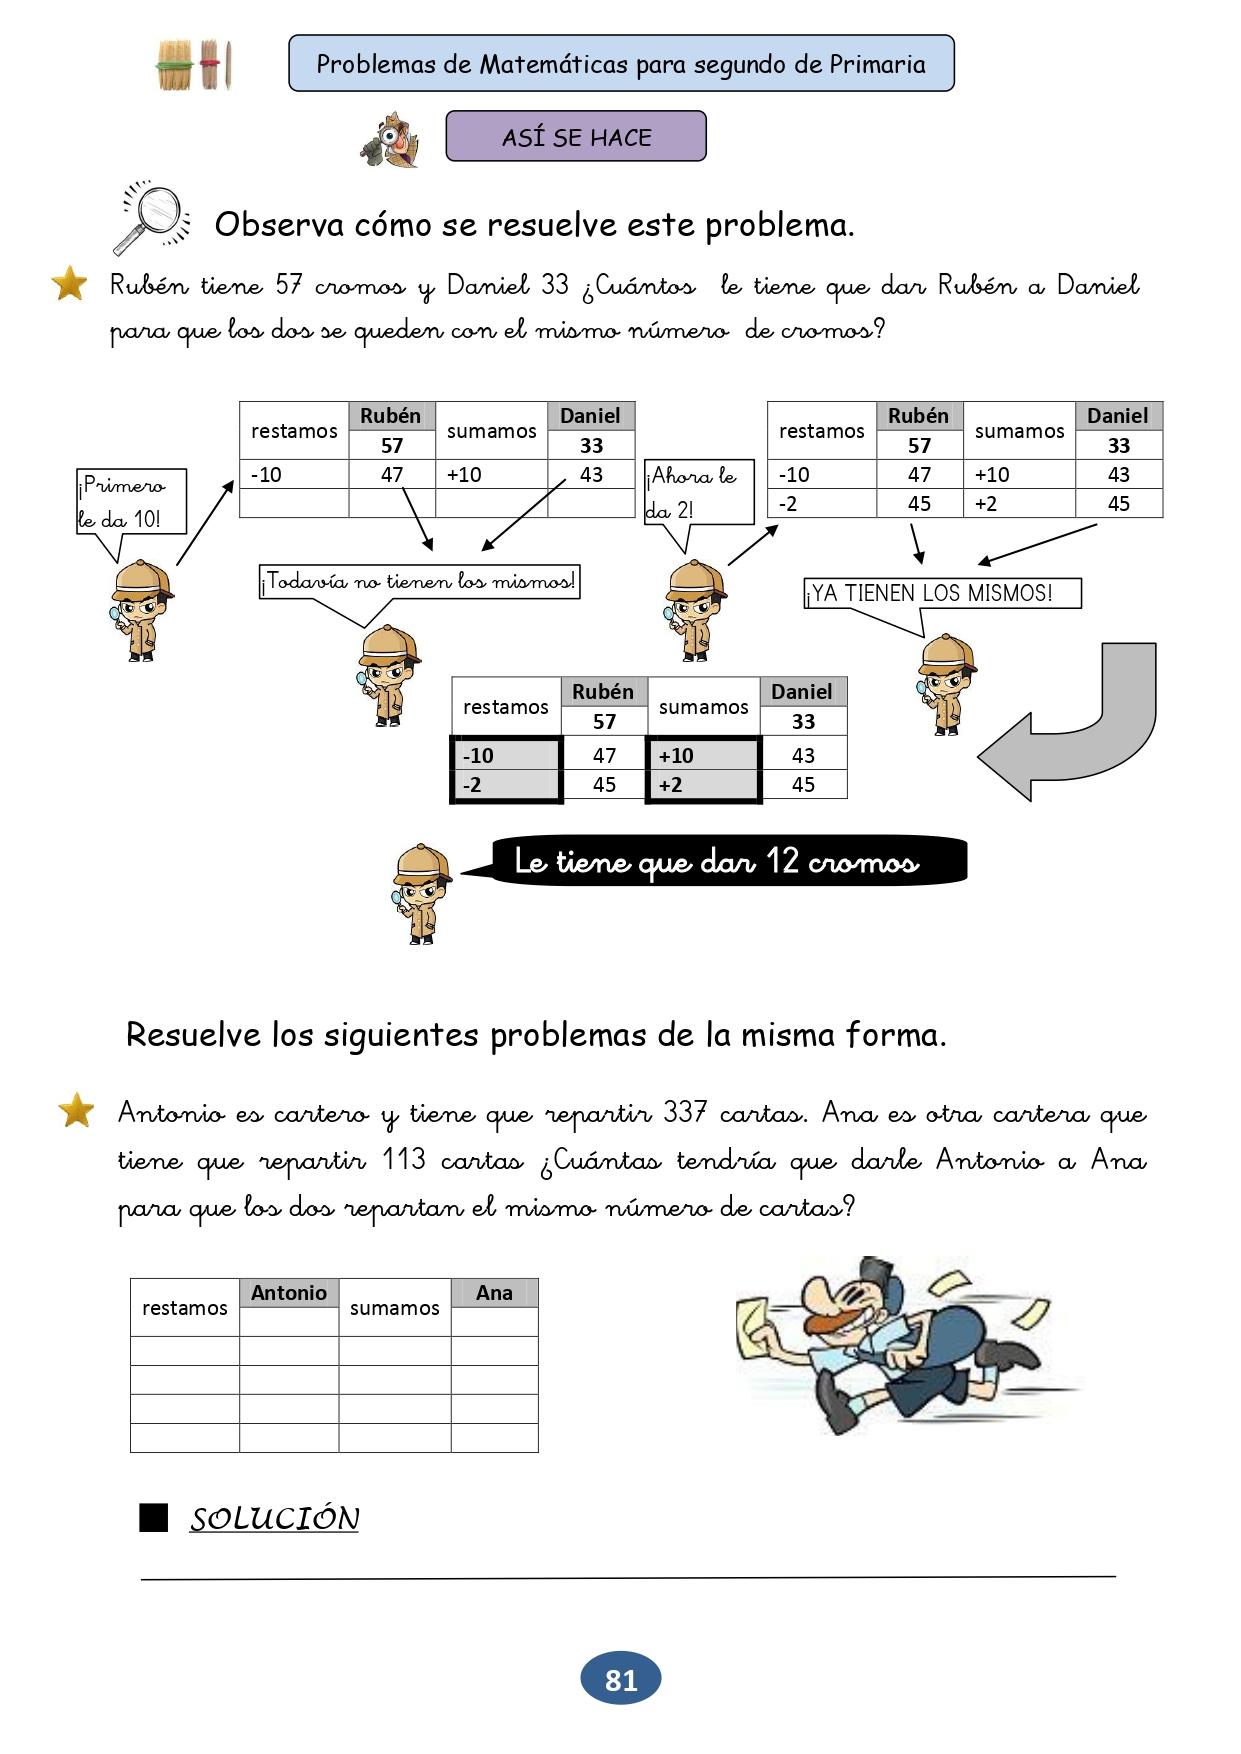 Ejercicios-De-Matem-ticas-Para-Segundo-Grado-De-Primaria-Pdf-81